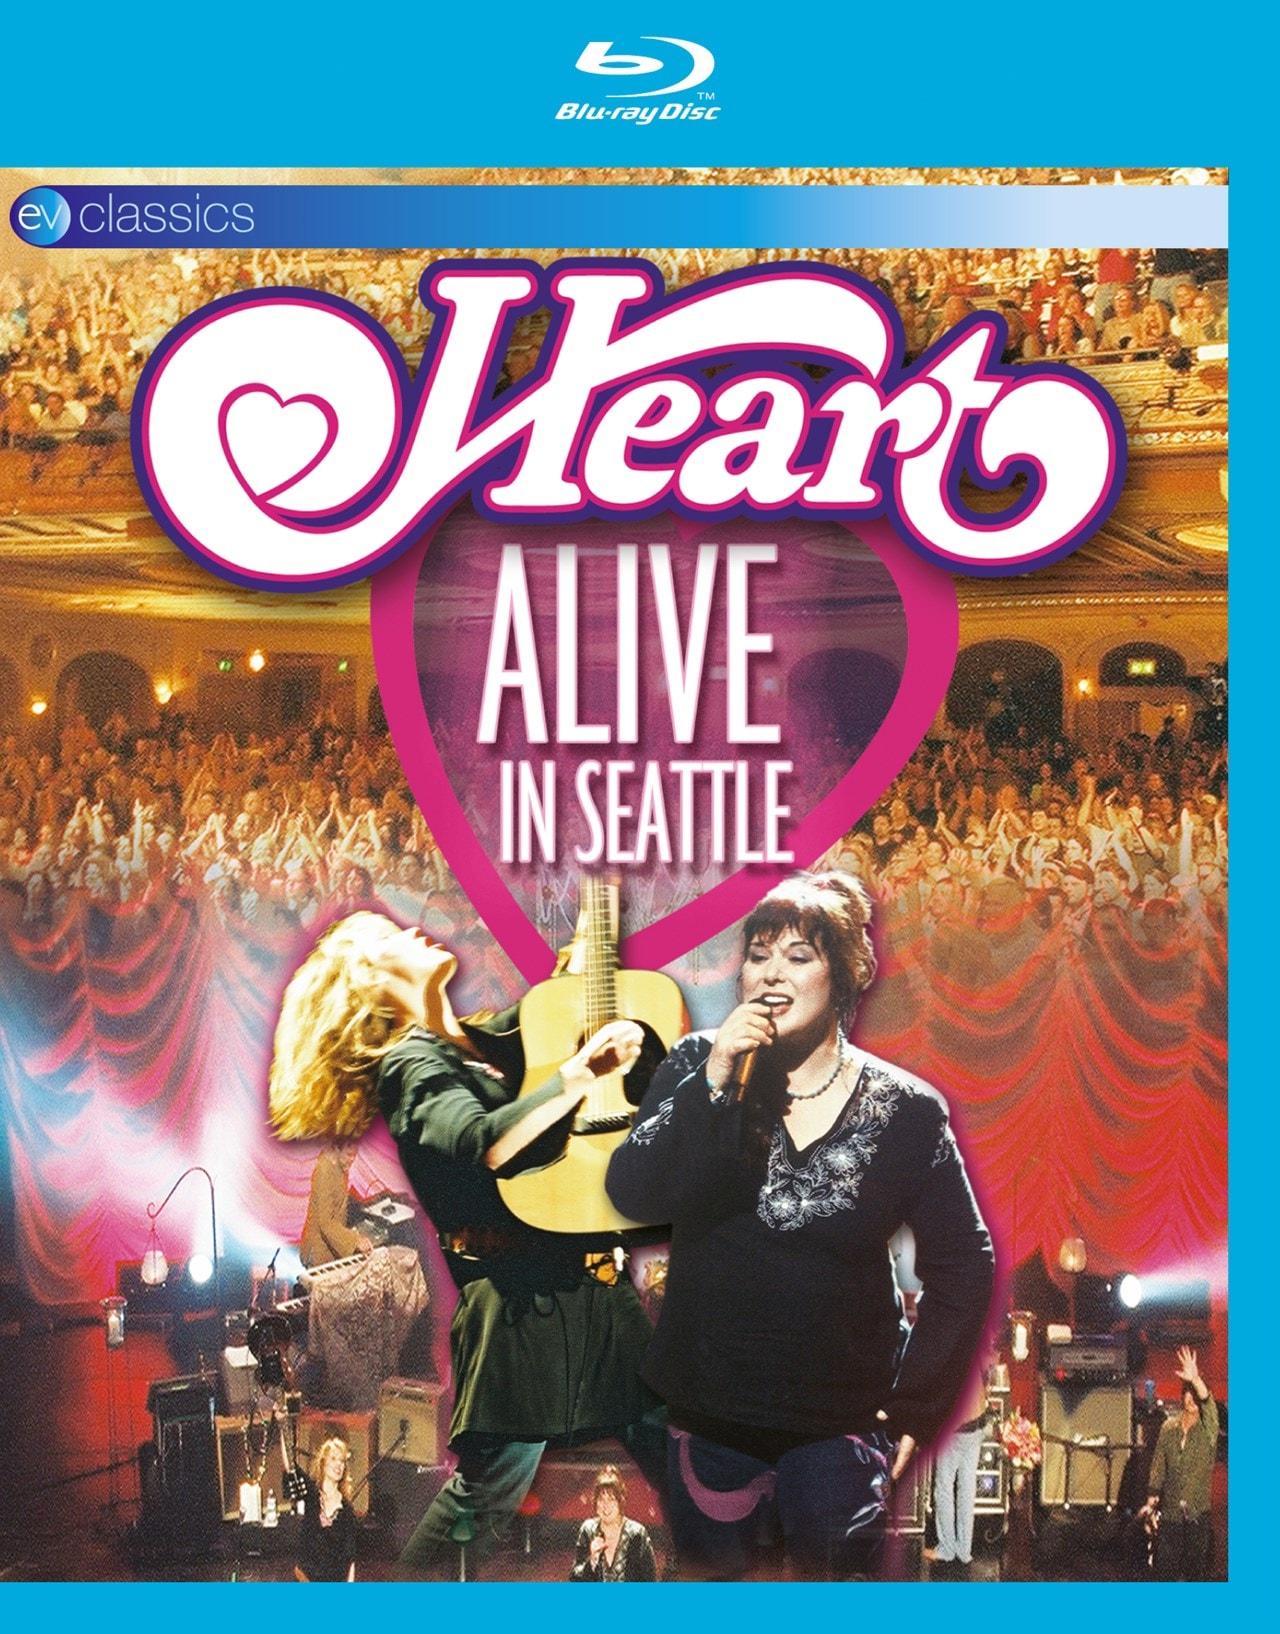 Heart: Alive in Seattle - 1